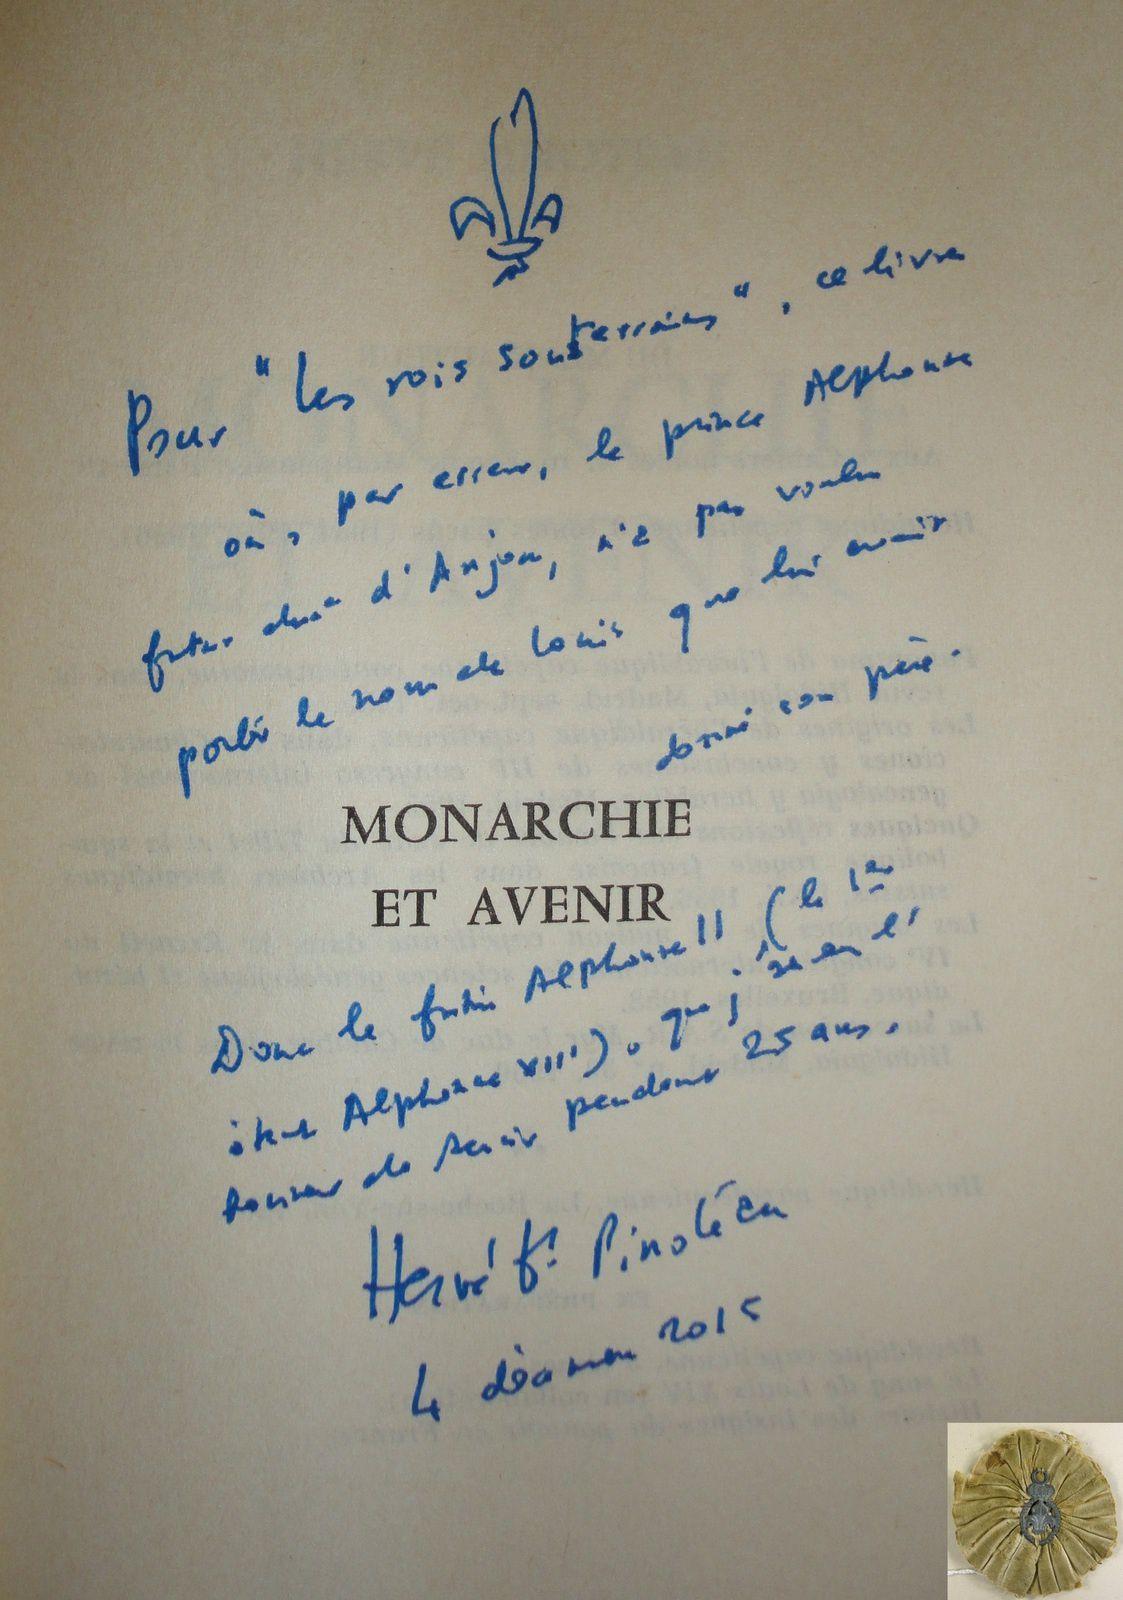 """POUR """"LES ROIS SOUTERRAINS"""", CE LIVRE OU, PAR ERREUR, LE PRINCE ALPHONSE FUTUR DUC D'ANJOU, N'A PAS VOULU PORTER LE NOM DE LOUIS QUE LUI AVAIT DONNE SON PERE. DONC LE FUTUR ALPHONSE II (LE Ier ETANT ALPHONSE XIII), QUE J'AI EU L'HONNEUR DE SERVIR PENDANT 25 ANS. HERVE B. PINOTEAU - 4 DECEMBRE 2015"""